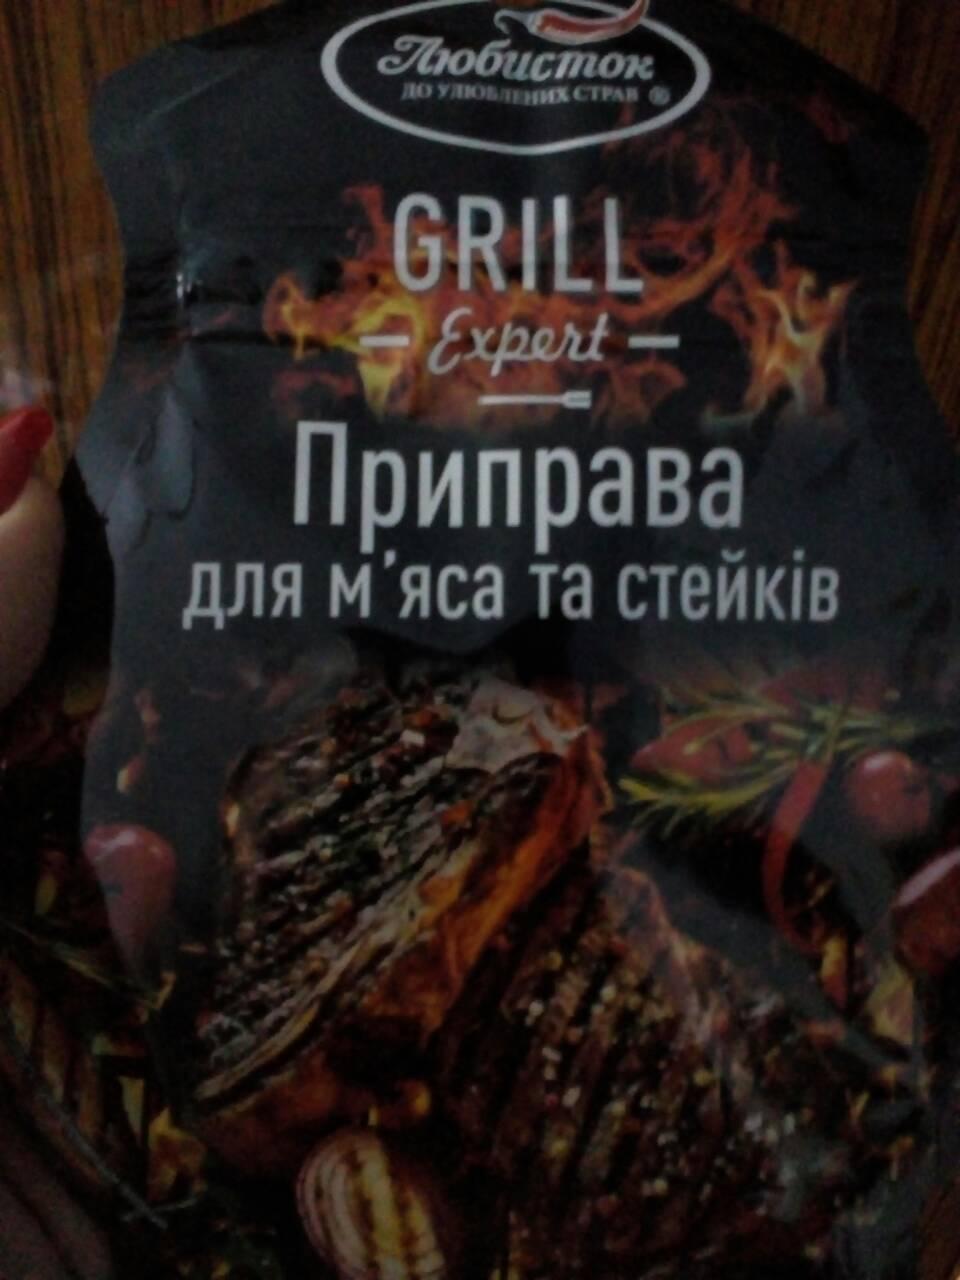 Приправа для мяса и стэйков 30 грамм